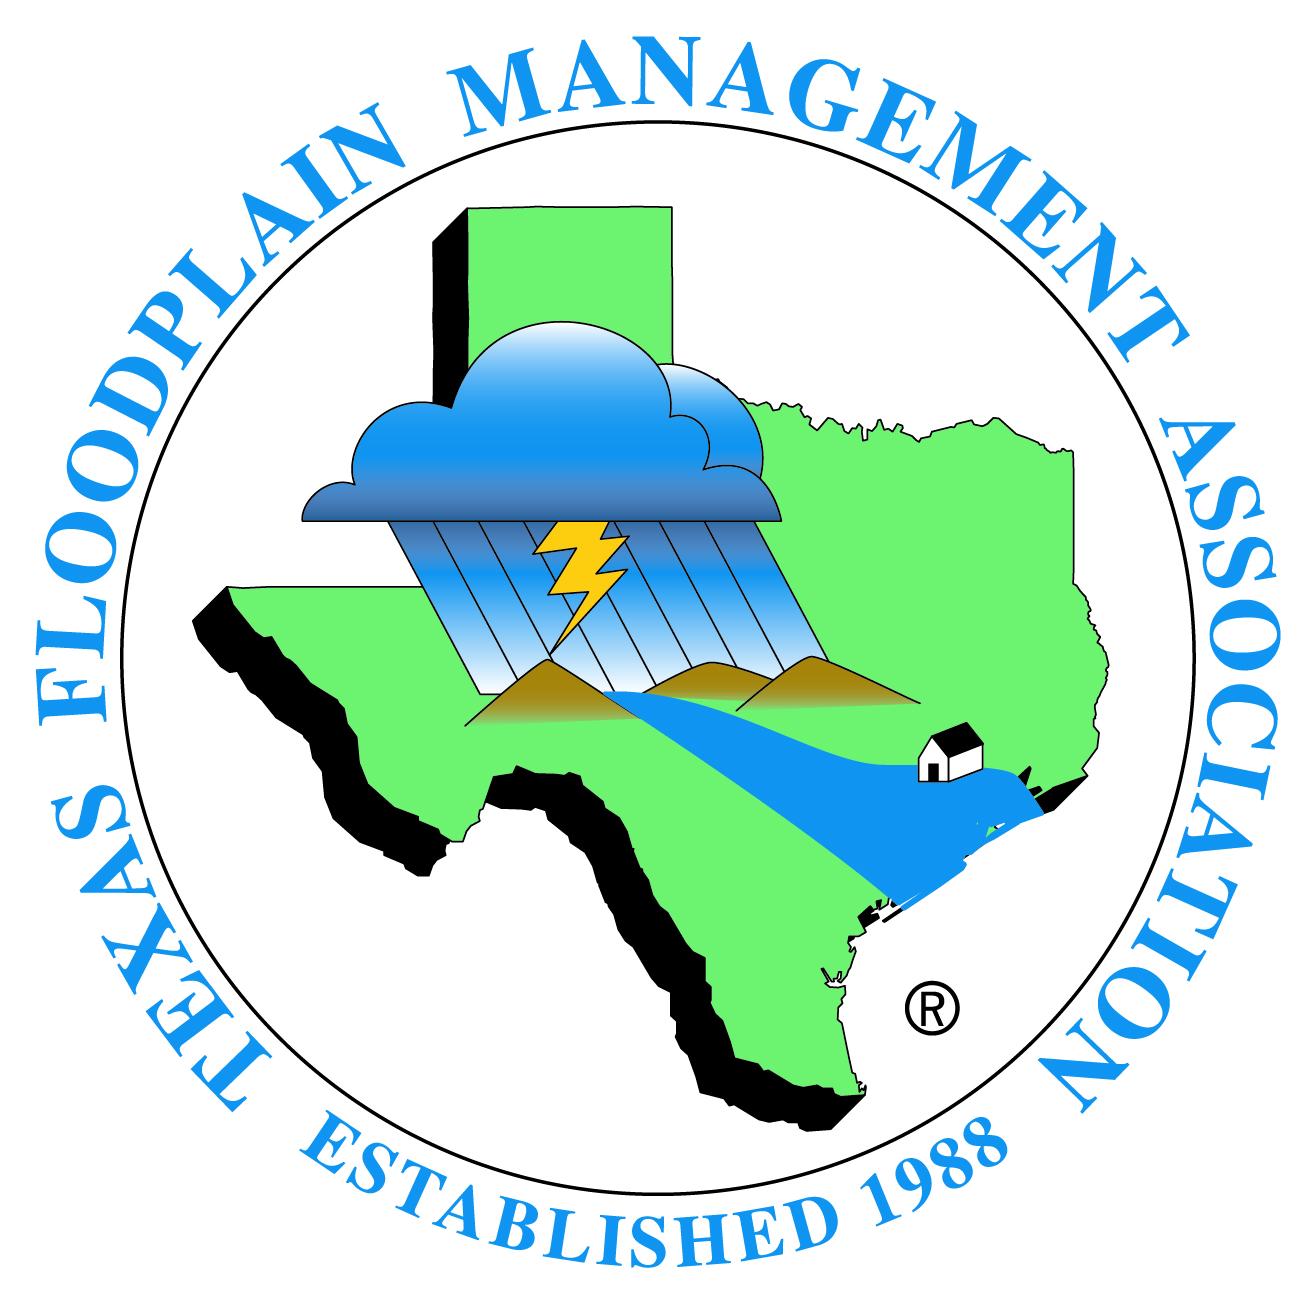 Texas Floodplain Management Association